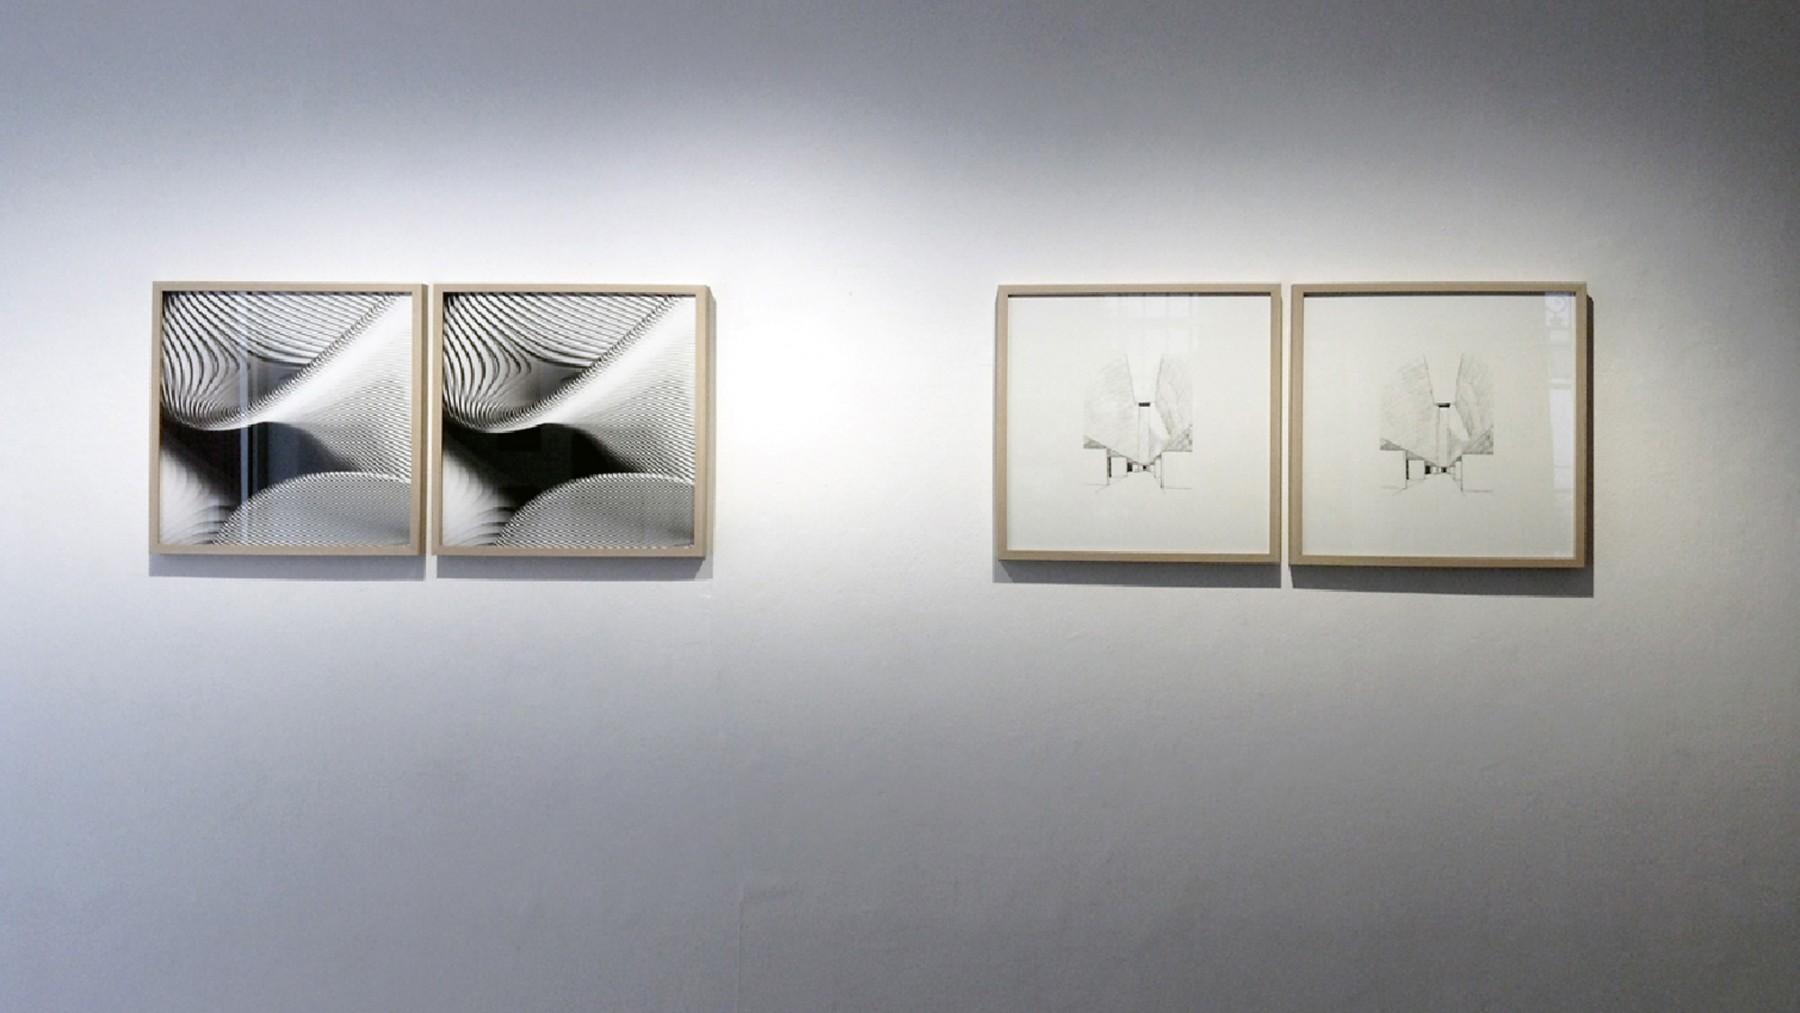 Jamie-Fobert-Architects-sketch-exhibition-Paris-galerie-d'architecture-espaces-libres